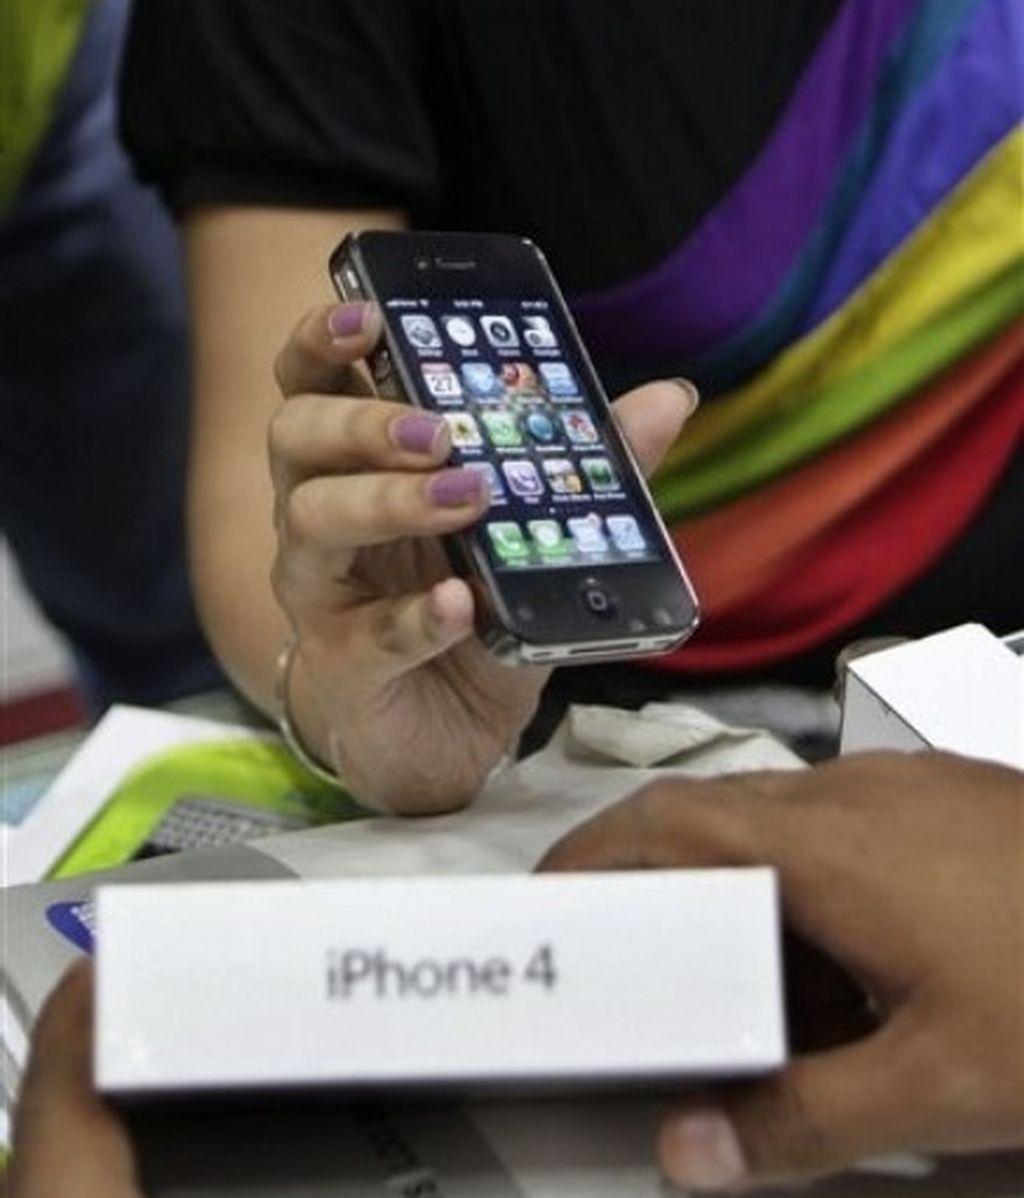 Una vendedora ofrece un iphone 4 en una tienda en Delhi. Foto: AP